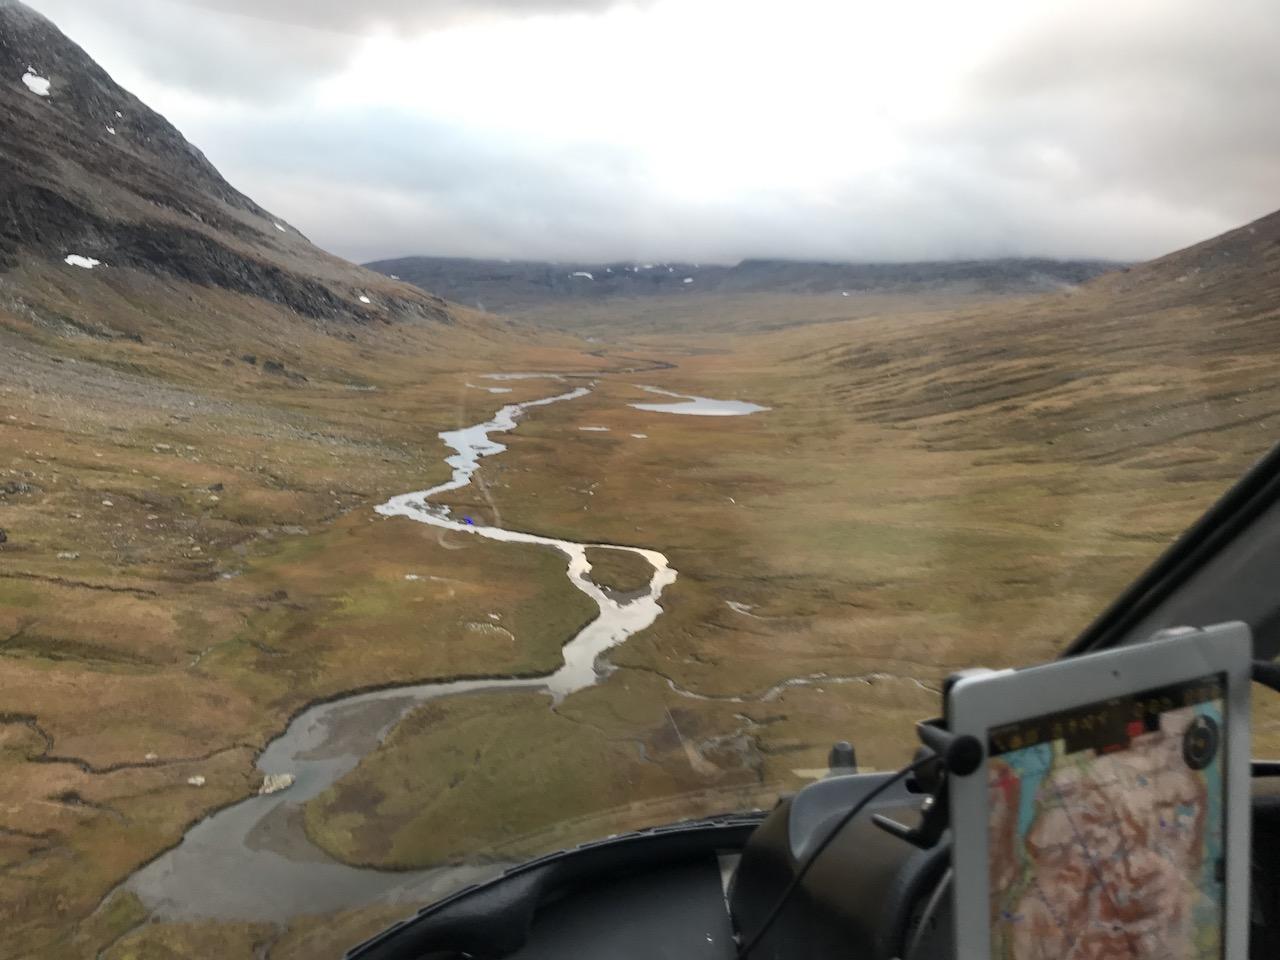 Kunsleden from Helicopter between Ammarnäs and Hemavan